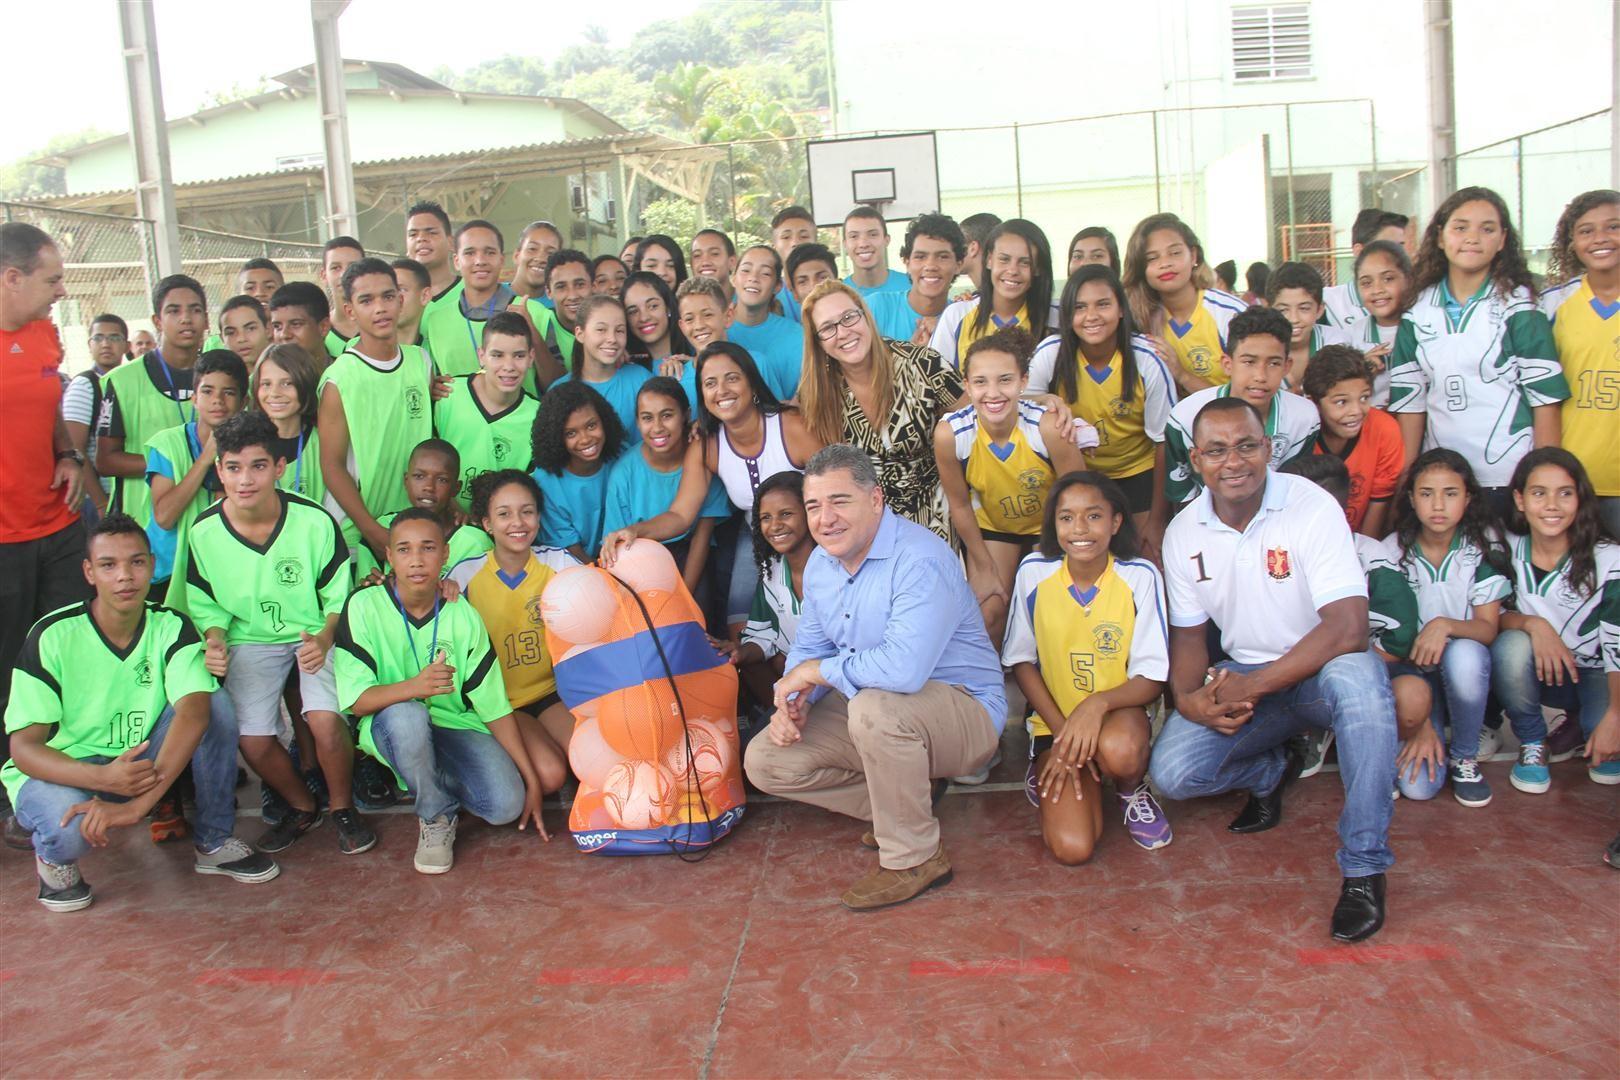 A Escola Estadual Vereador Francisco Figueiredo ganhou prêmio de melhor escola pública (Foto: Pedro Rezende)